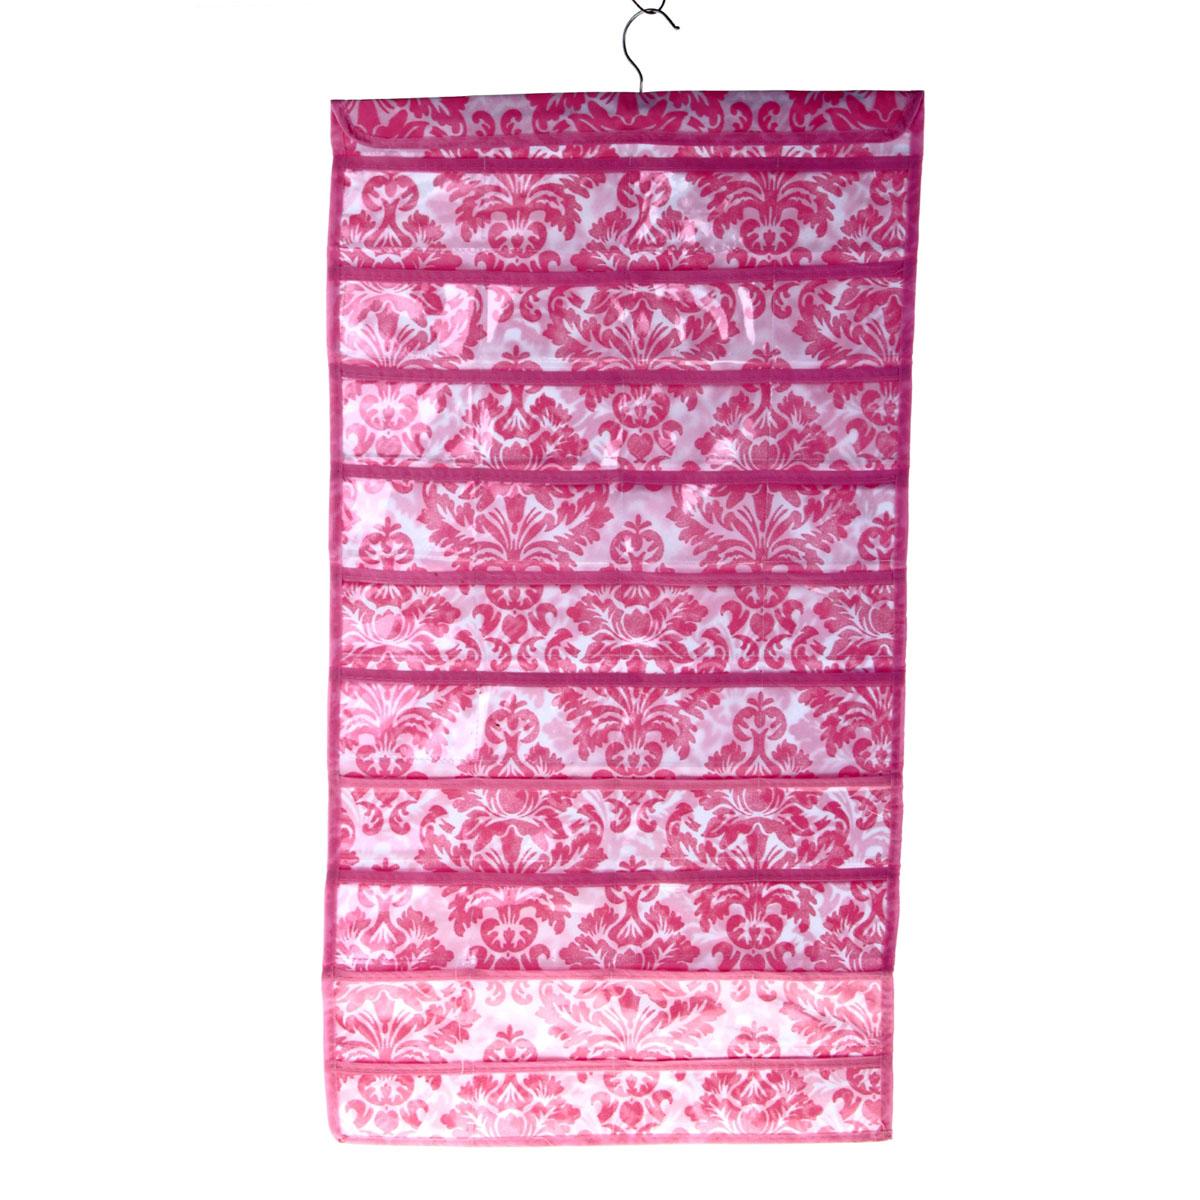 Органайзер для хранения вещей Sima-land с вешалкой, цвет: розовый, 80 отделений. 709827709827Органайзер Sima-land, изготовленный из ПВХ и текстиля, предназначен для хранения необходимых вещей, множества мелочей в гардеробной, ванной, детской комнатах. Изделие представляет собой текстильное полотно с 80 пришитыми кармашками. Благодаря металлической вешалке, органайзер можно подвесить на стену или дверь в необходимом для вас месте. Органайзер декорирован оригинальным цветочным орнаментом. Этот нужный предмет может стать одновременно и декоративным элементом комнаты. Яркий дизайн, как ничто иное, способен оживить интерьер вашего дома. Размер отделений: 11 см х 6 см.